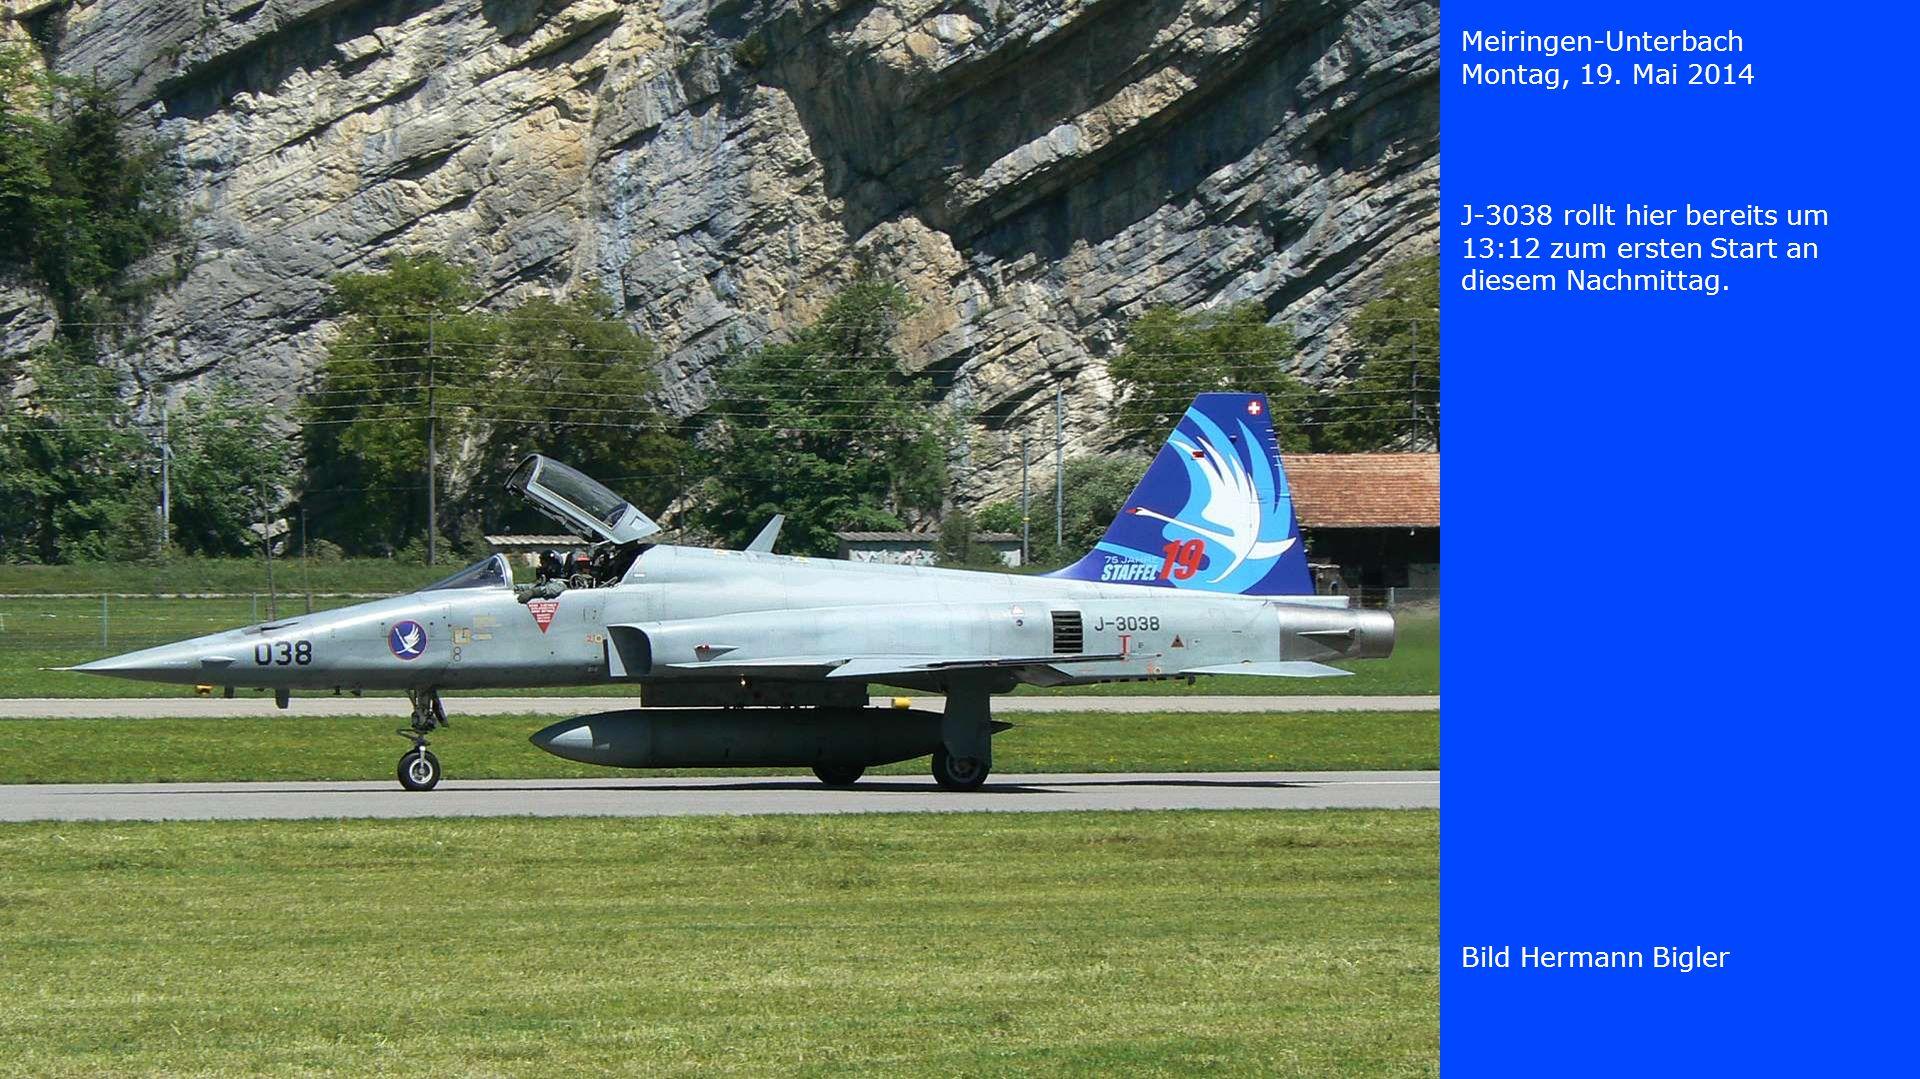 Meiringen-Unterbach Montag, 19. Mai 2014. J-3038 rollt hier bereits um 13:12 zum ersten Start an diesem Nachmittag.